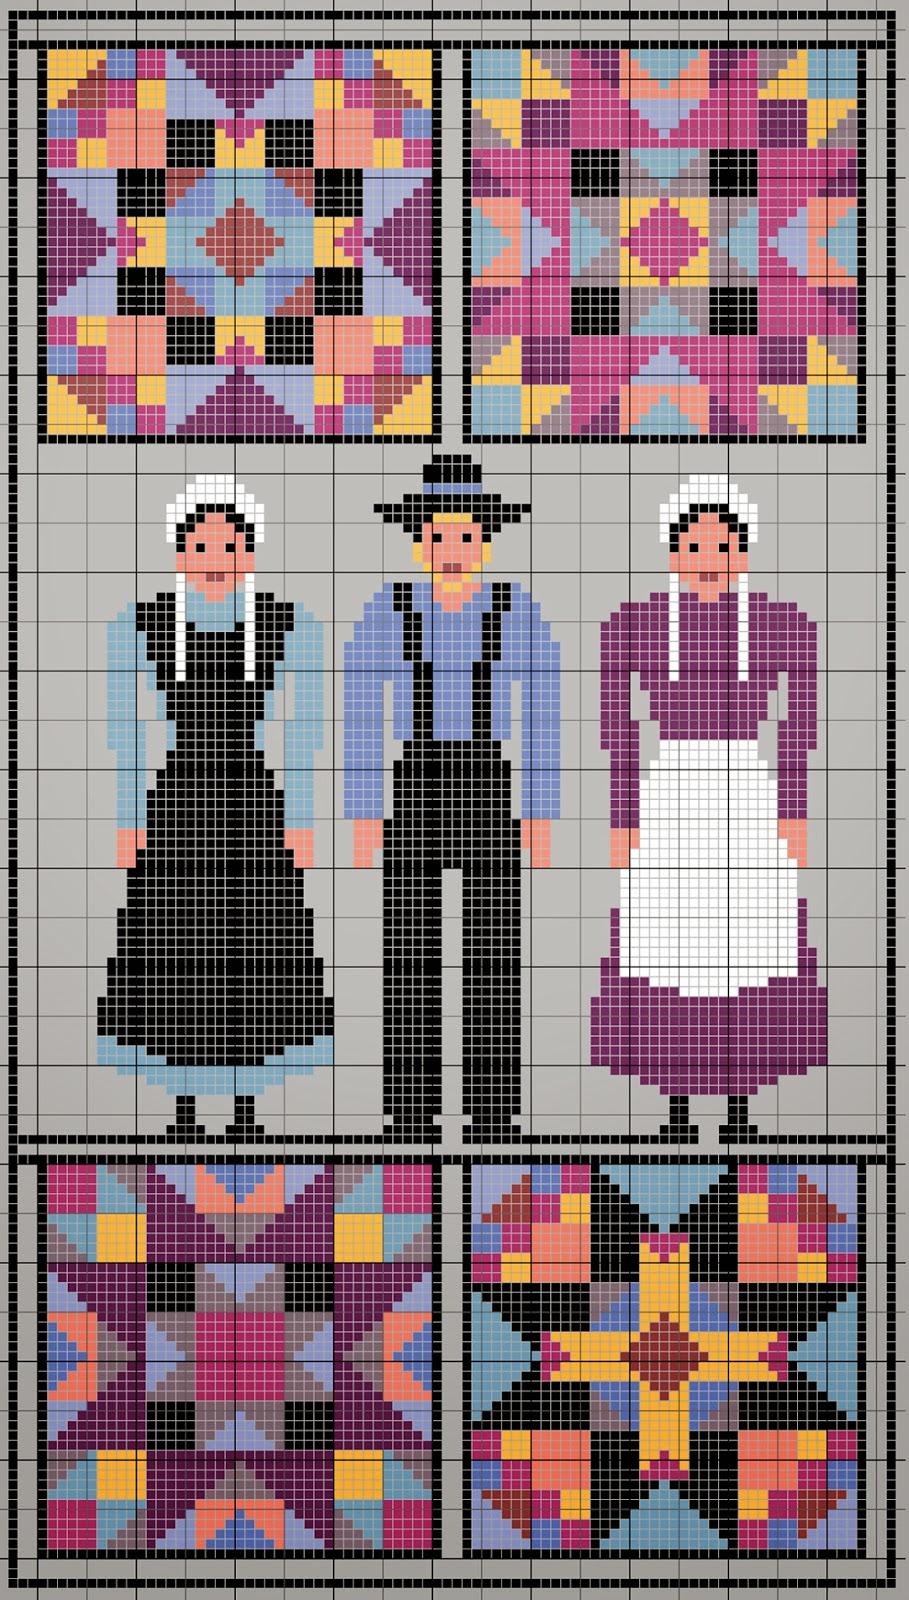 http://2.bp.blogspot.com/-RLVQW_JLUaI/UweMzxzbaMI/AAAAAAAALv0/mr74Z-FaCLA/s1600/GAZETTE94+Amish+(1).bmp